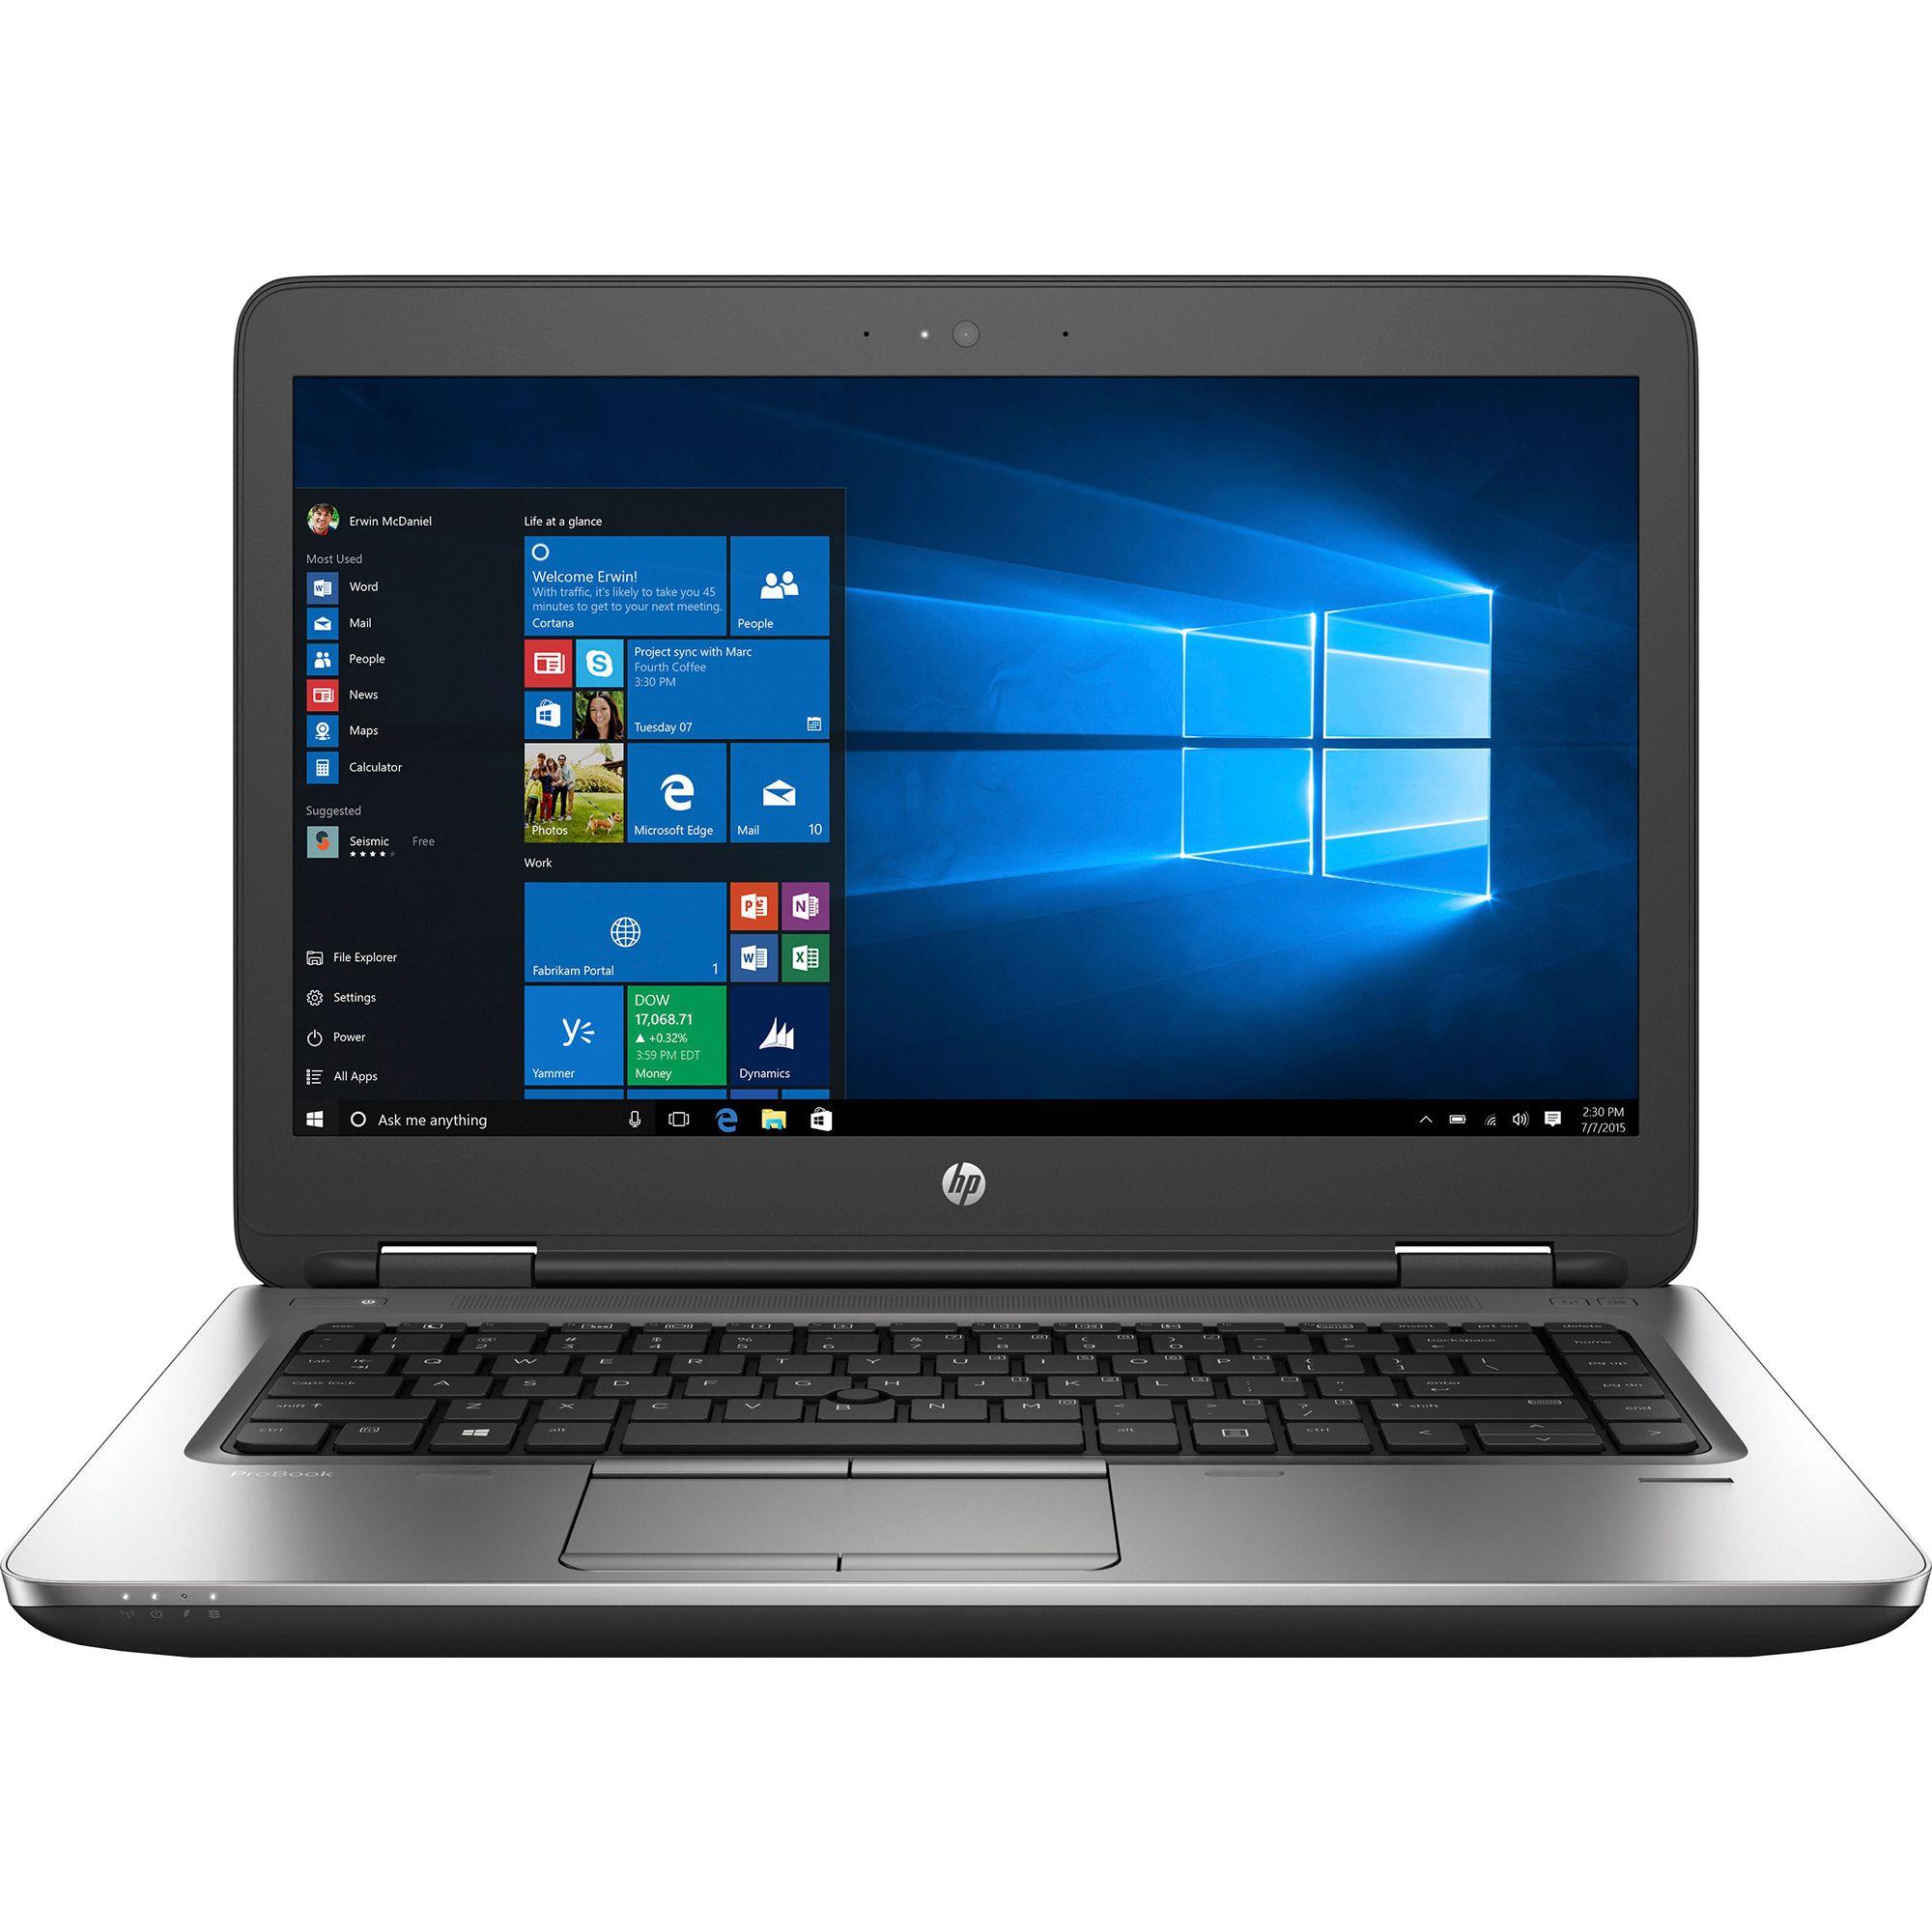 Laptop HP ProBook 640 G2, Intel Core i5-6200U 2.30GHz, 8GB DDR4, 120GB SSD, DVD-RW, Webcam, 14 Inch, Grad A-